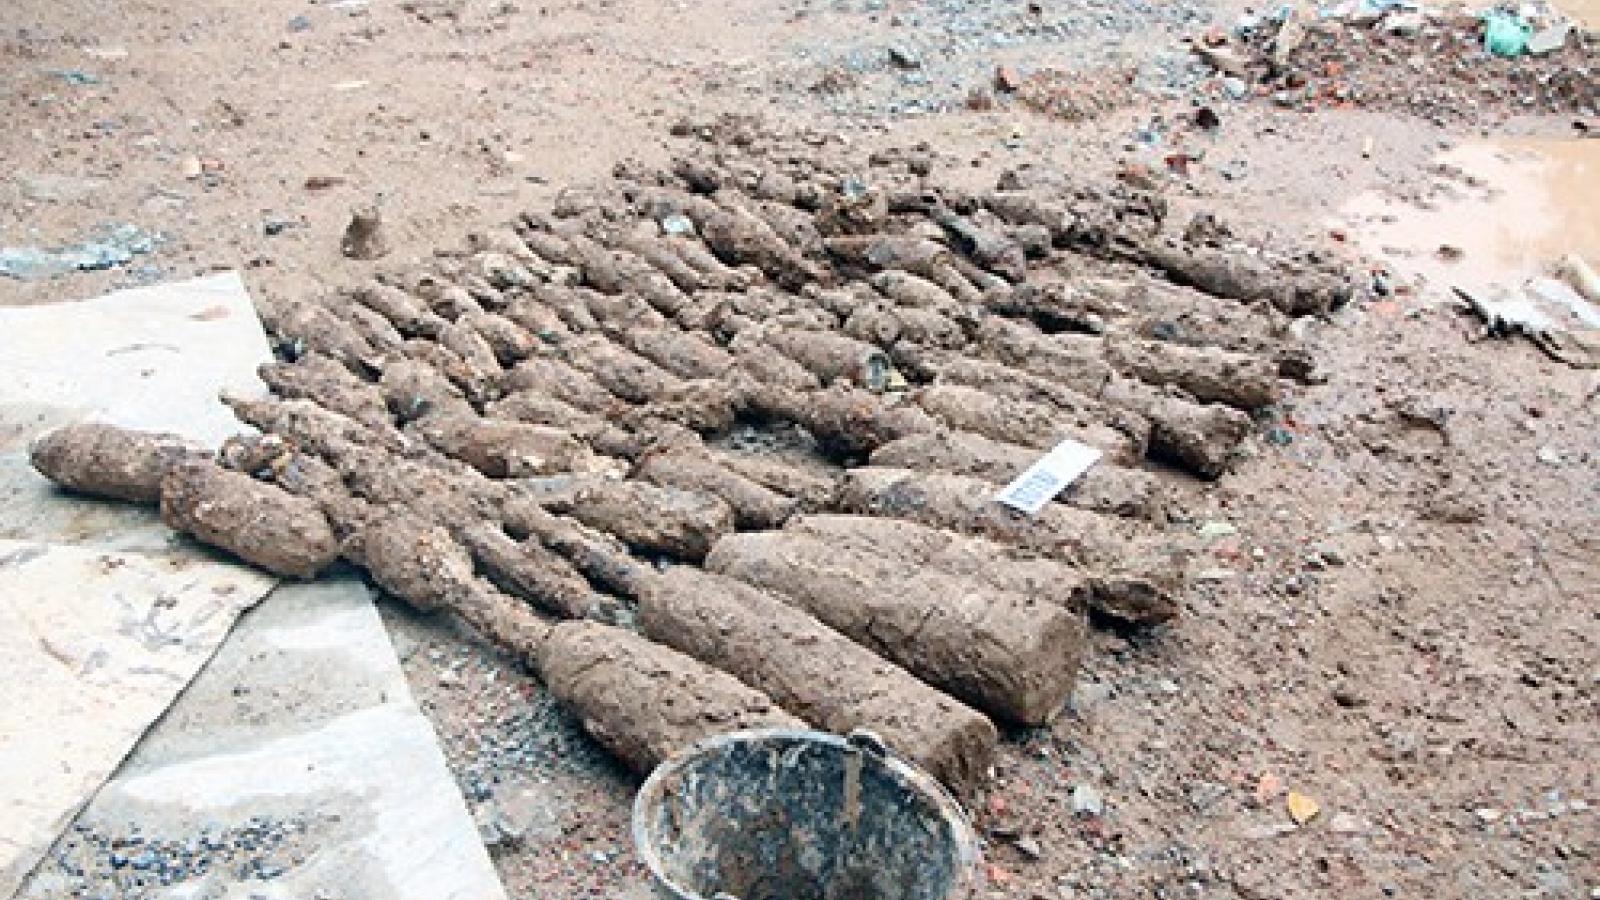 Lào đặt mục tiêu làm sạch bom mìn trên 7.000 hecta đất trong năm nay